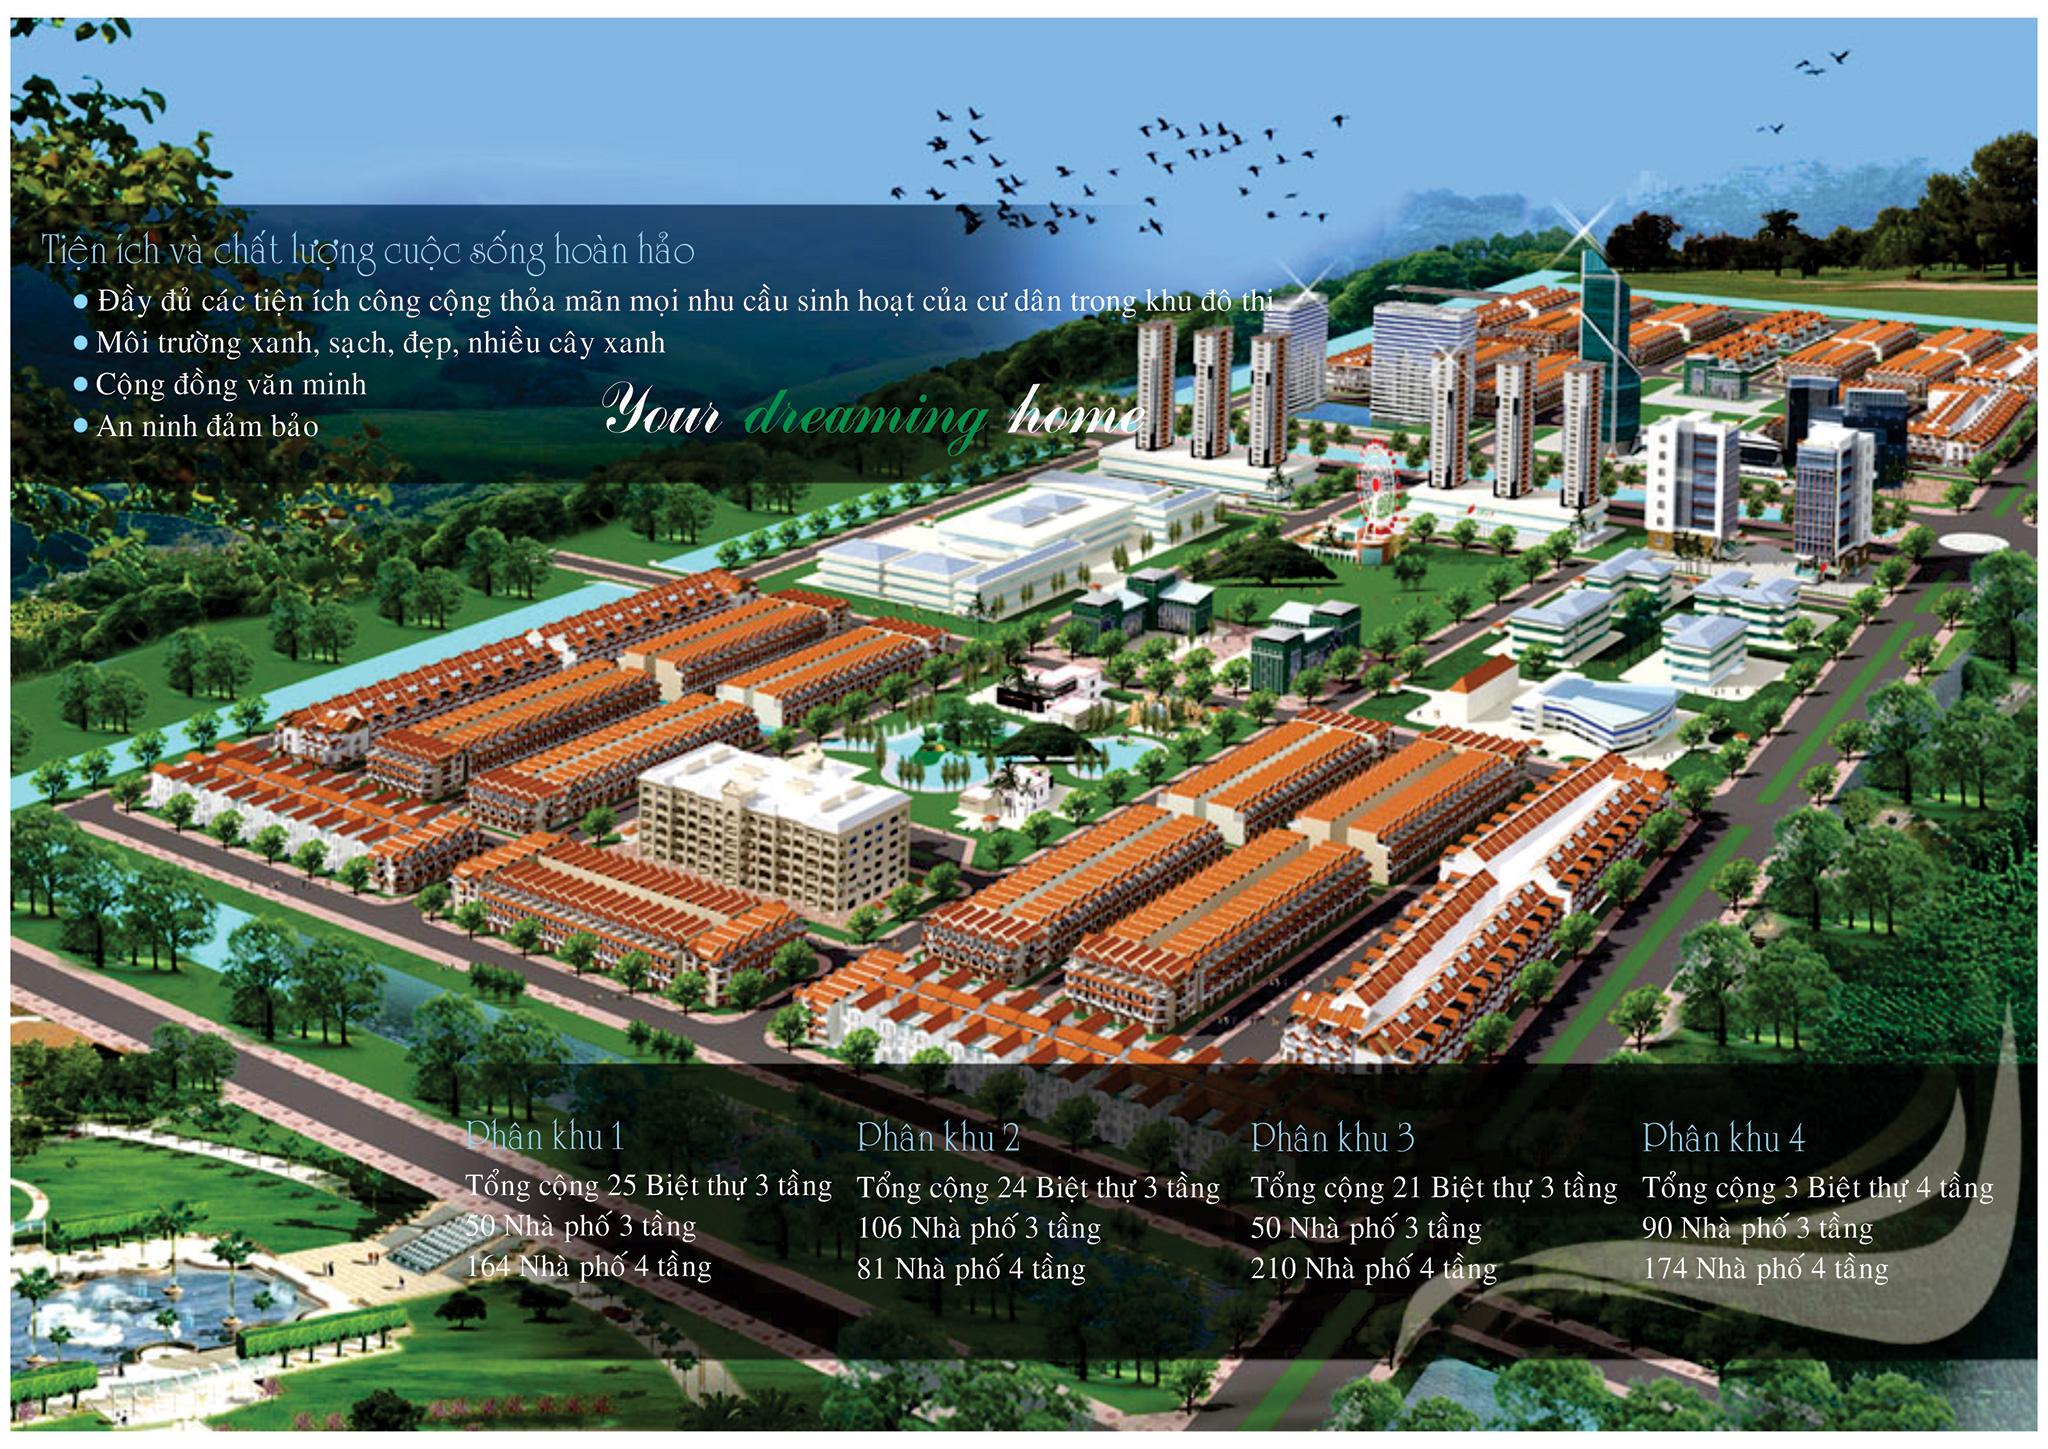 Diaochue - Huế Green city - Khu Đô Thị Xanh Giữa Lòng Thành Phố